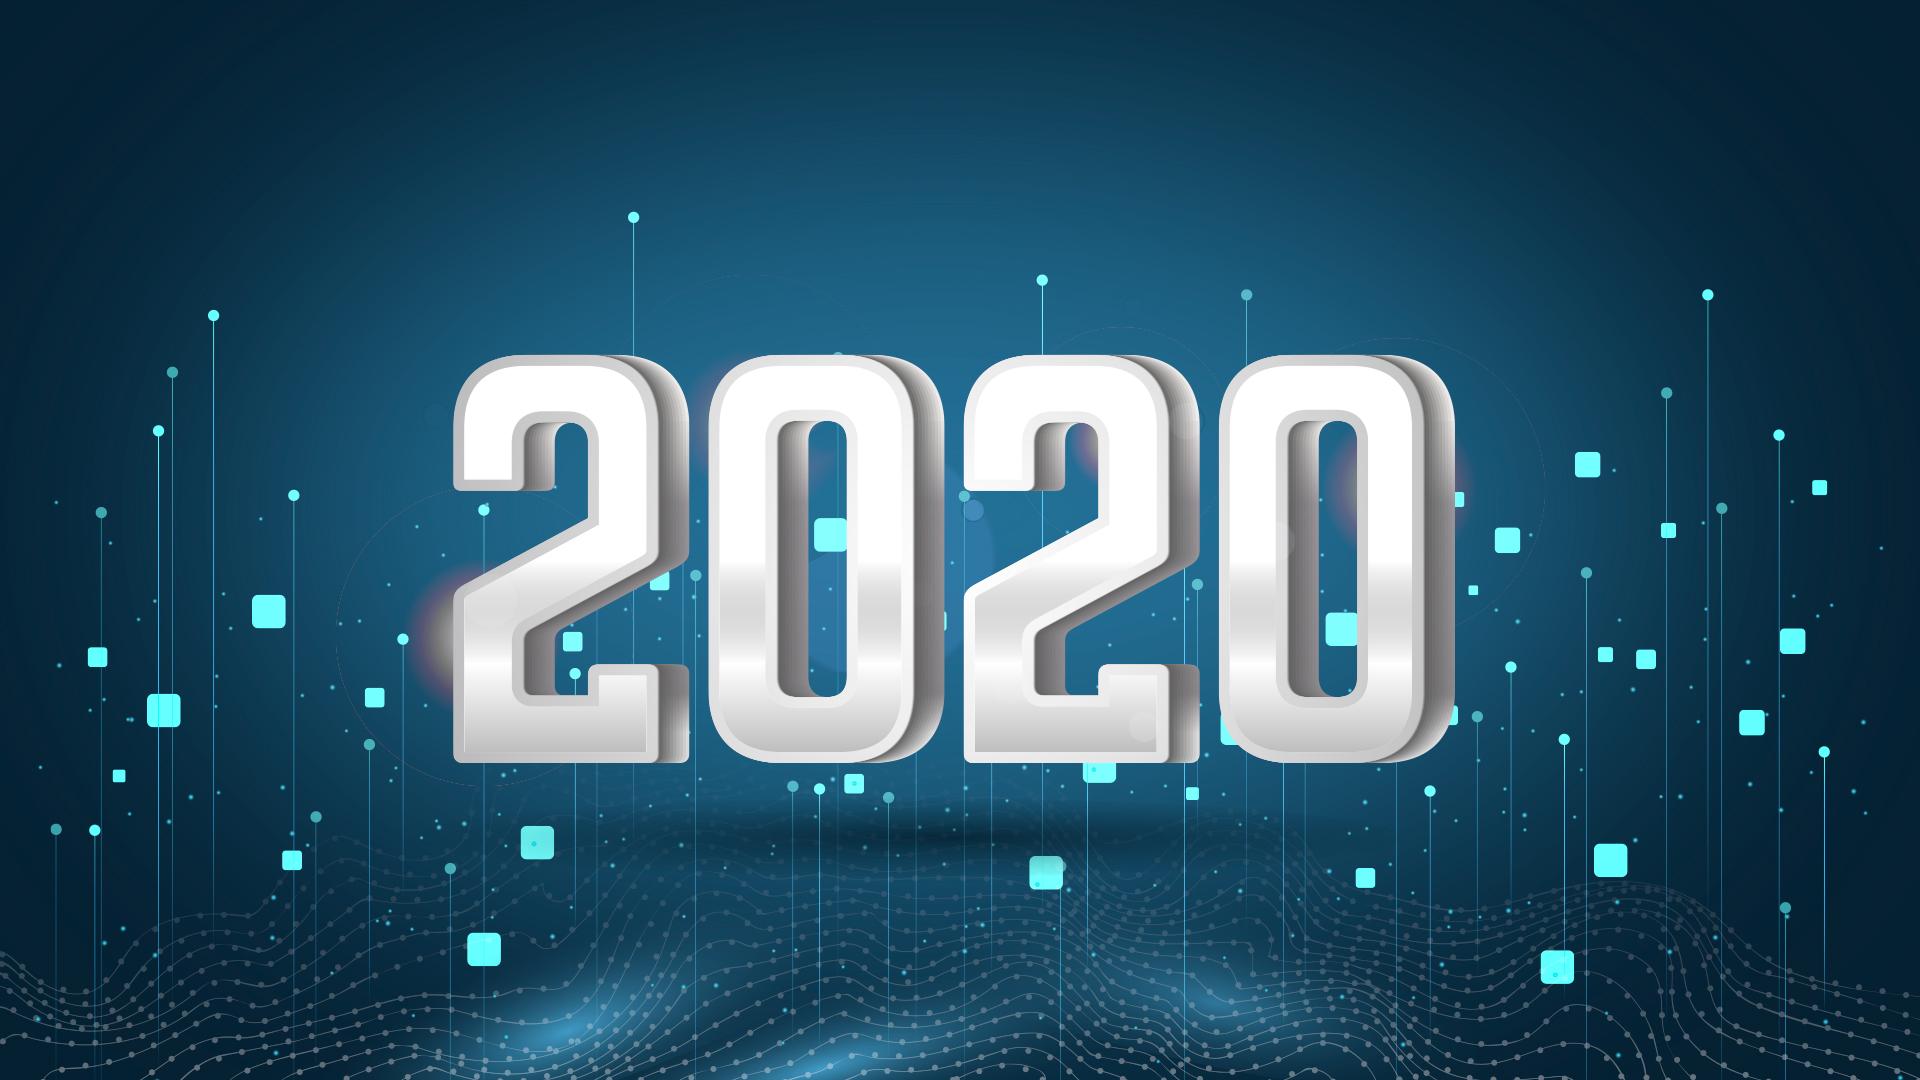 2020'DE HANGİ SİBER TEHDİTLER İLE KARŞILAŞACAĞIZ?